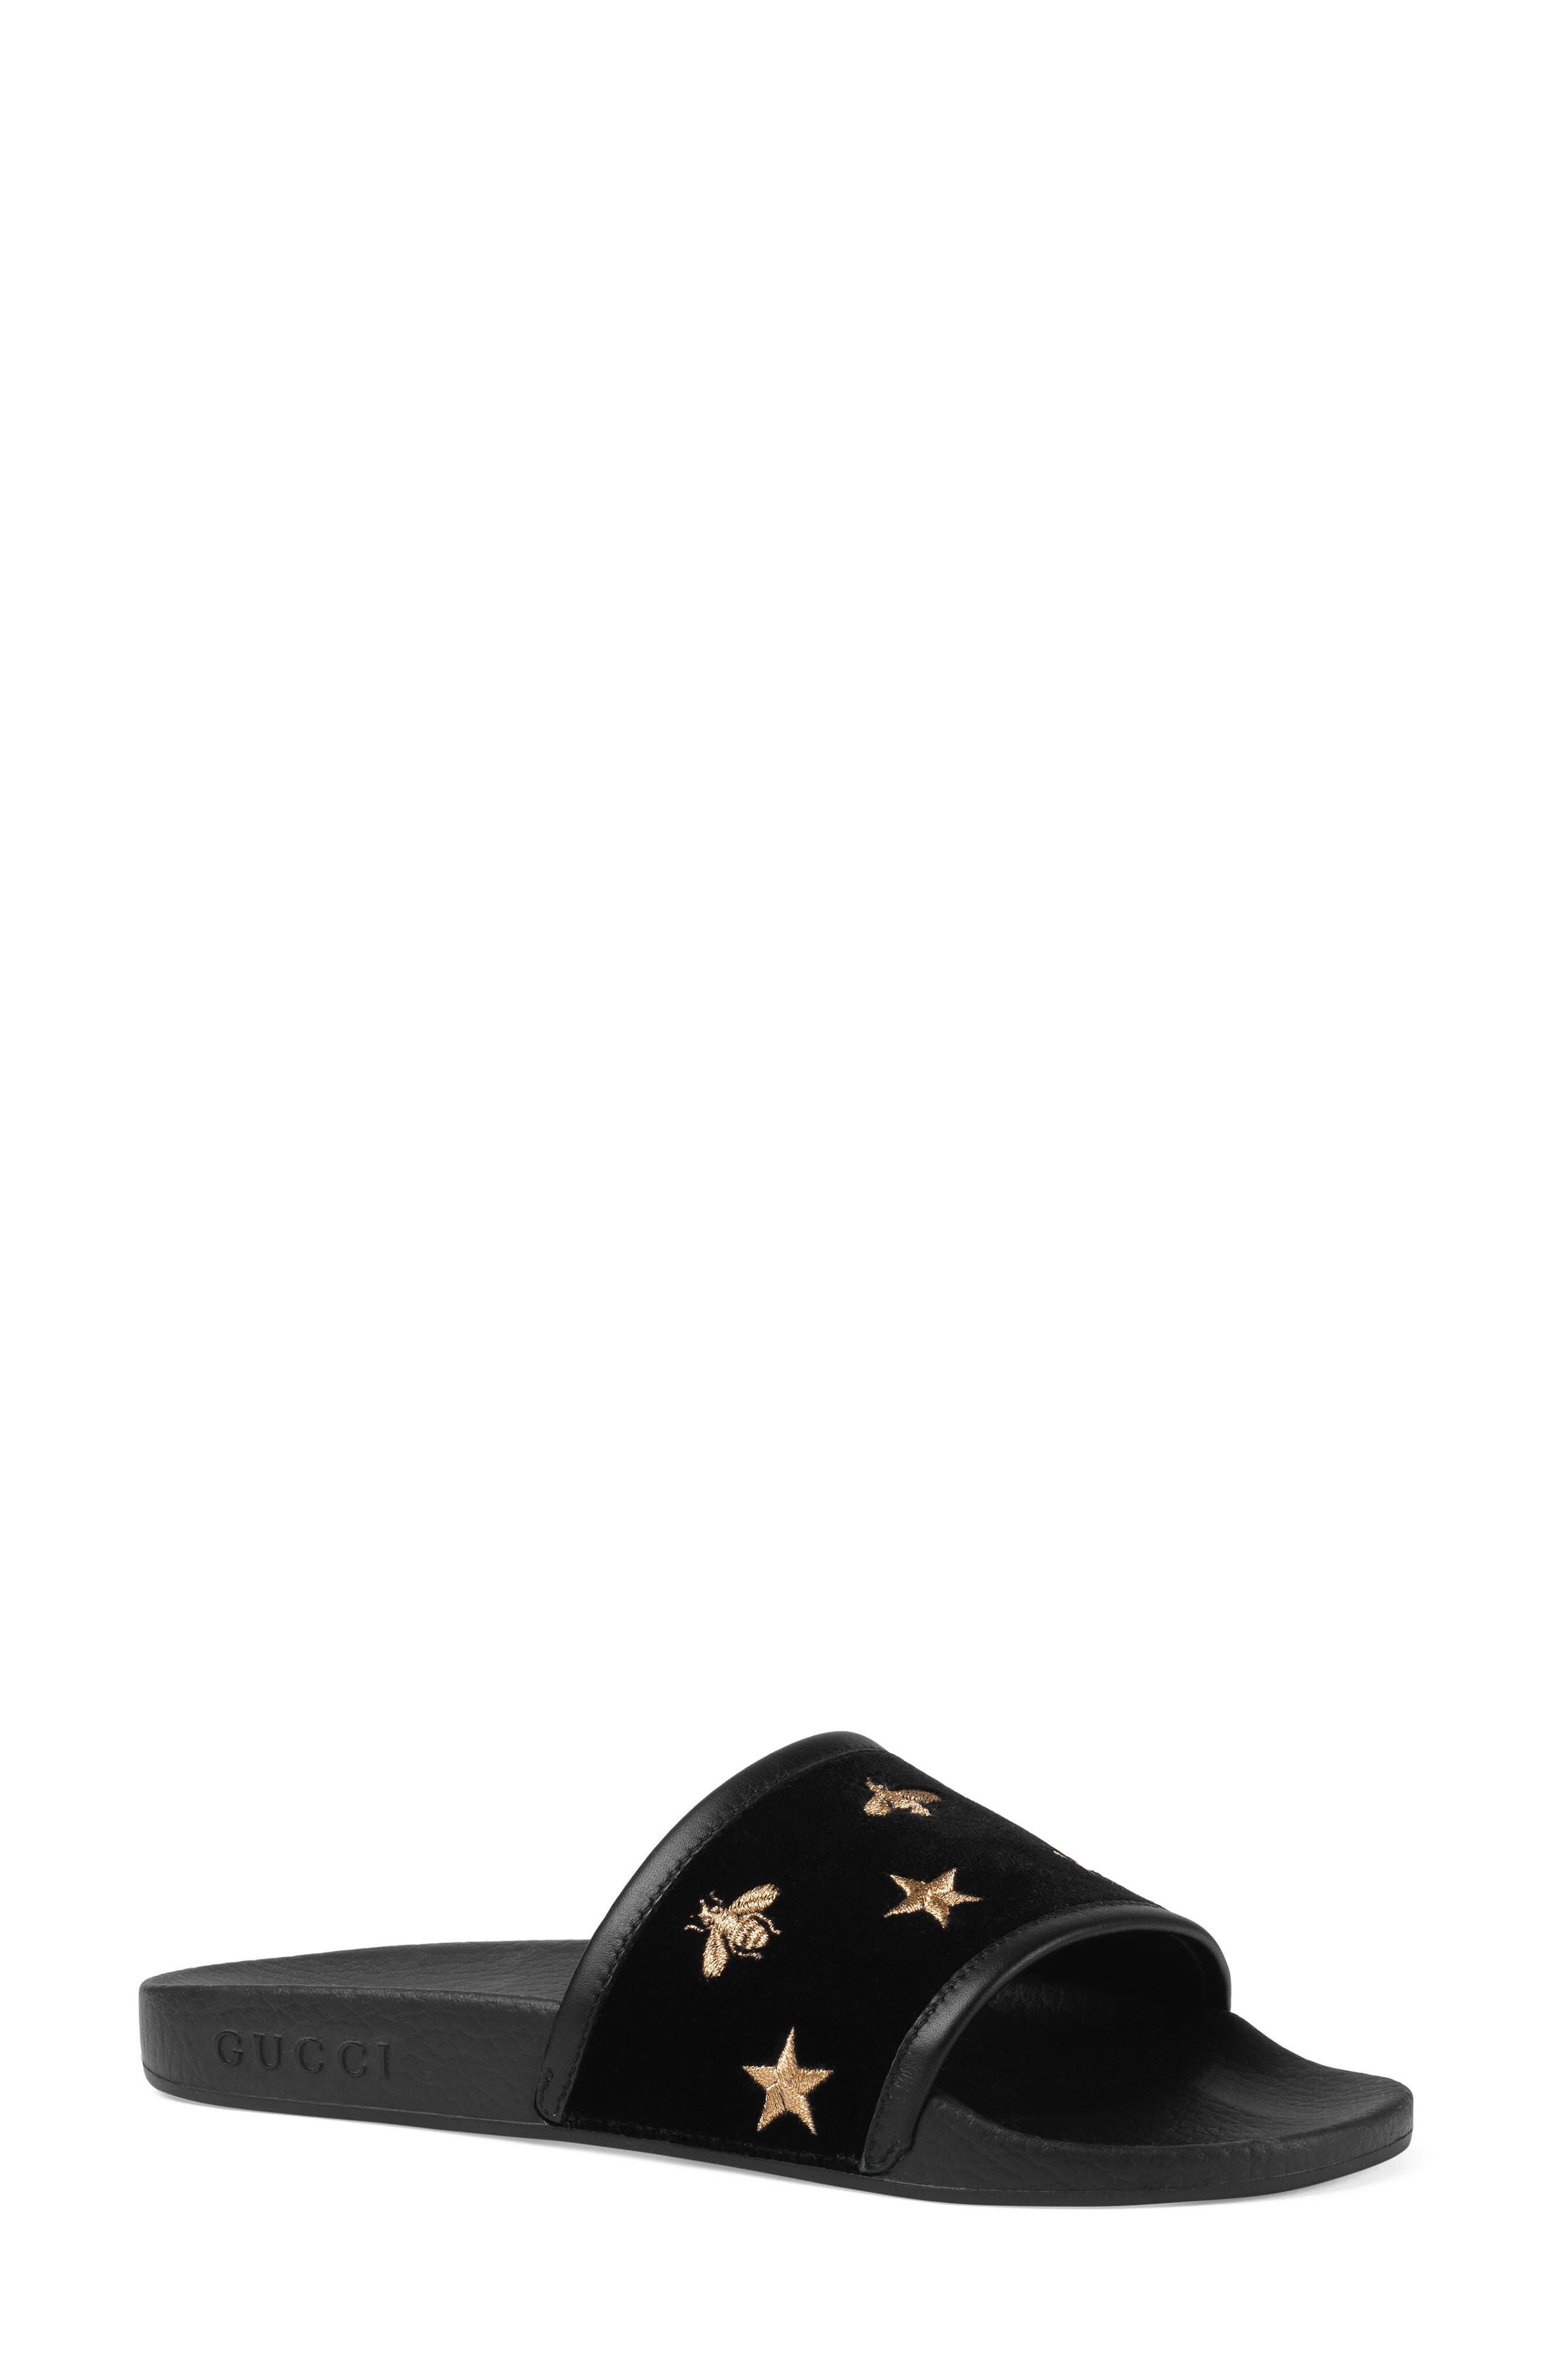 Pursuit Embroidered Slide Sandal,                         Main,                         color, Black